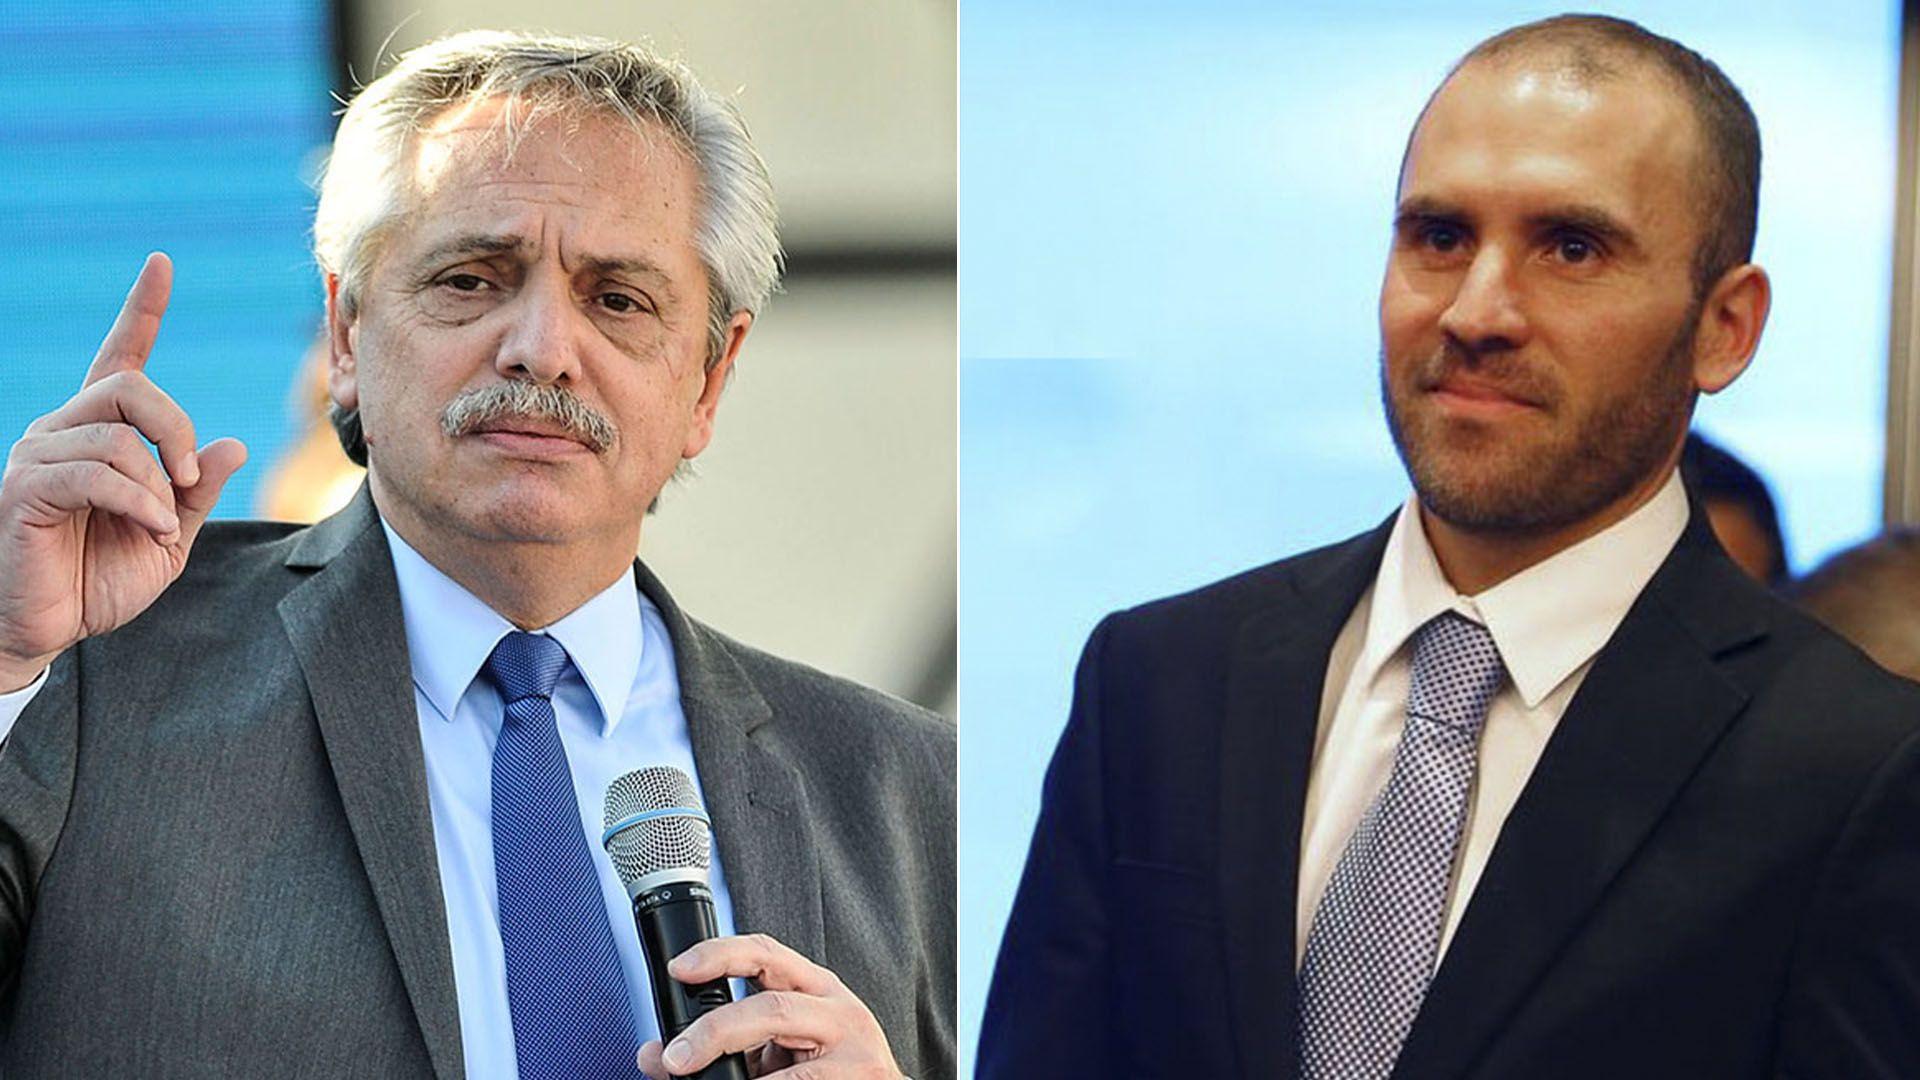 """Alberto Fernández, que hace unos días criticó la """"cartelización"""" de los acreedores, y el ministro Guzmán, cuya gestión es defendida en el comunicado"""